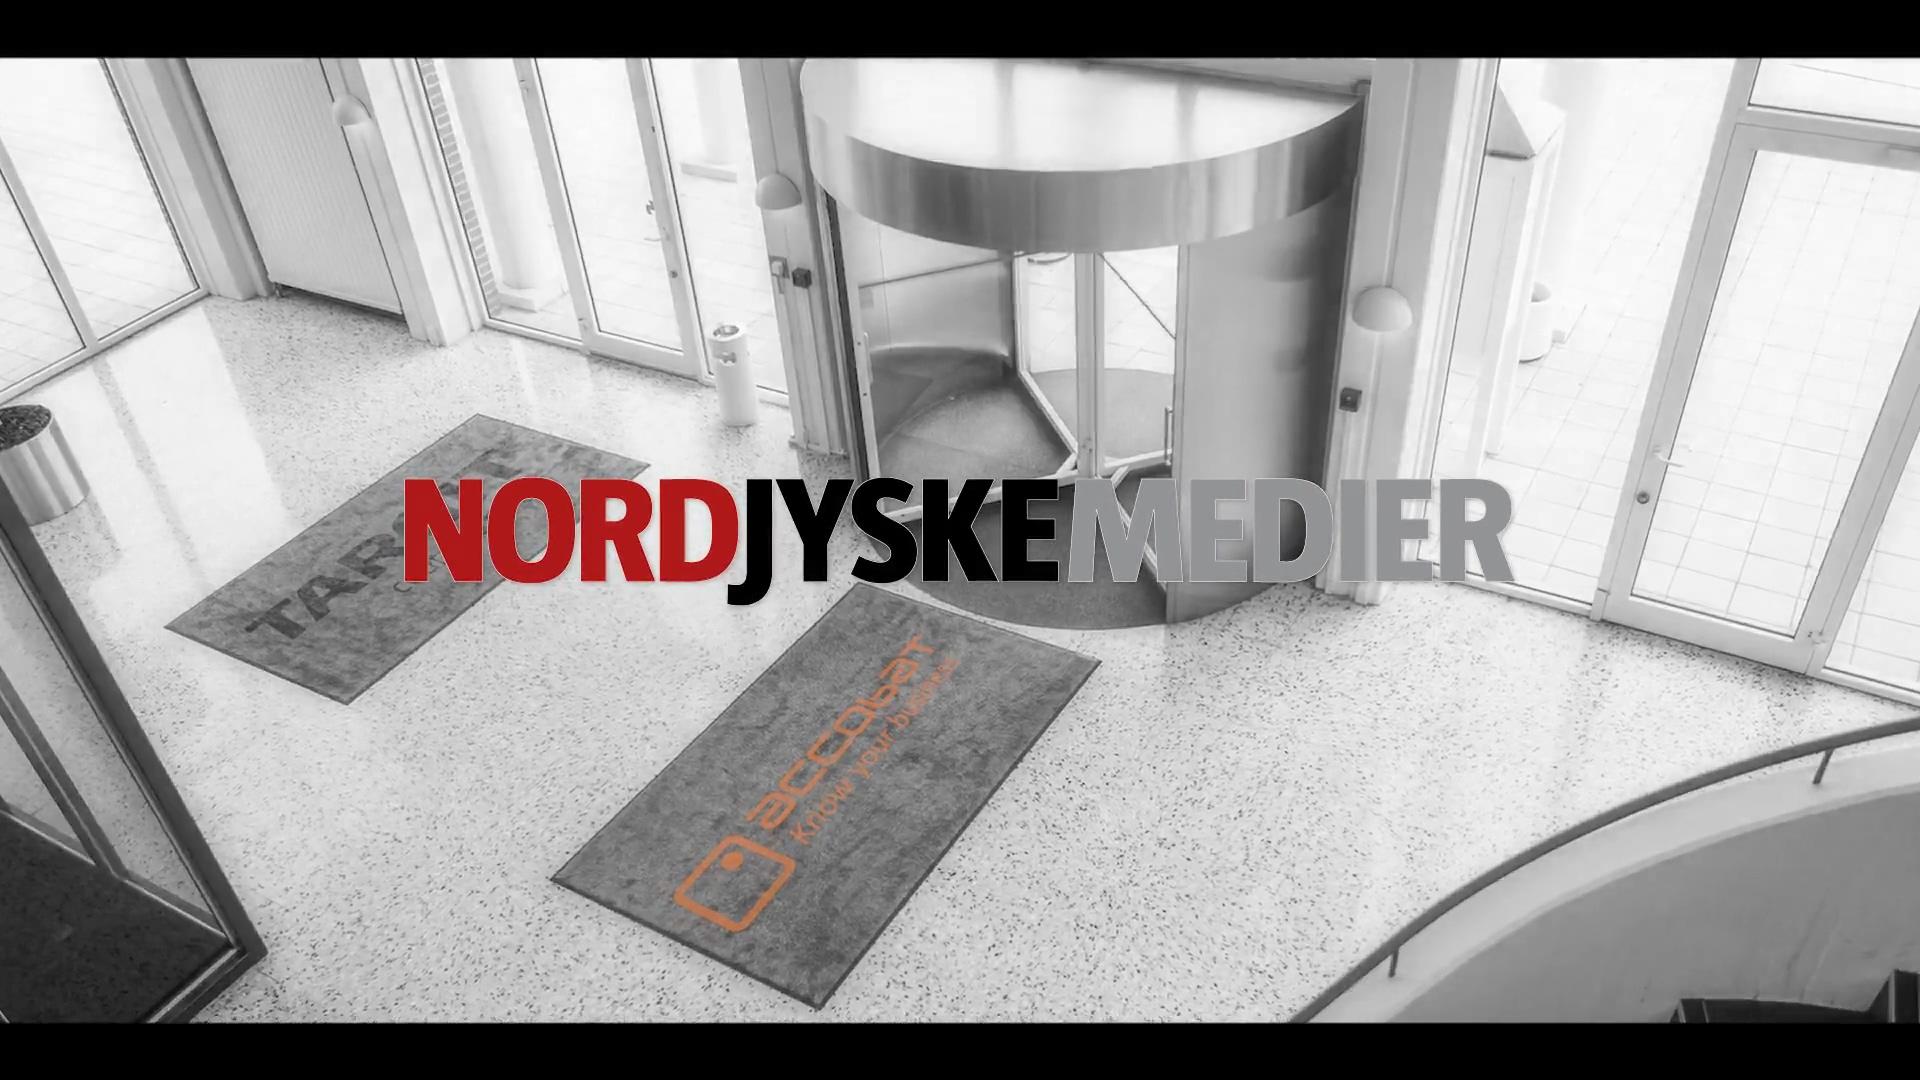 Nordjyske Medier Case